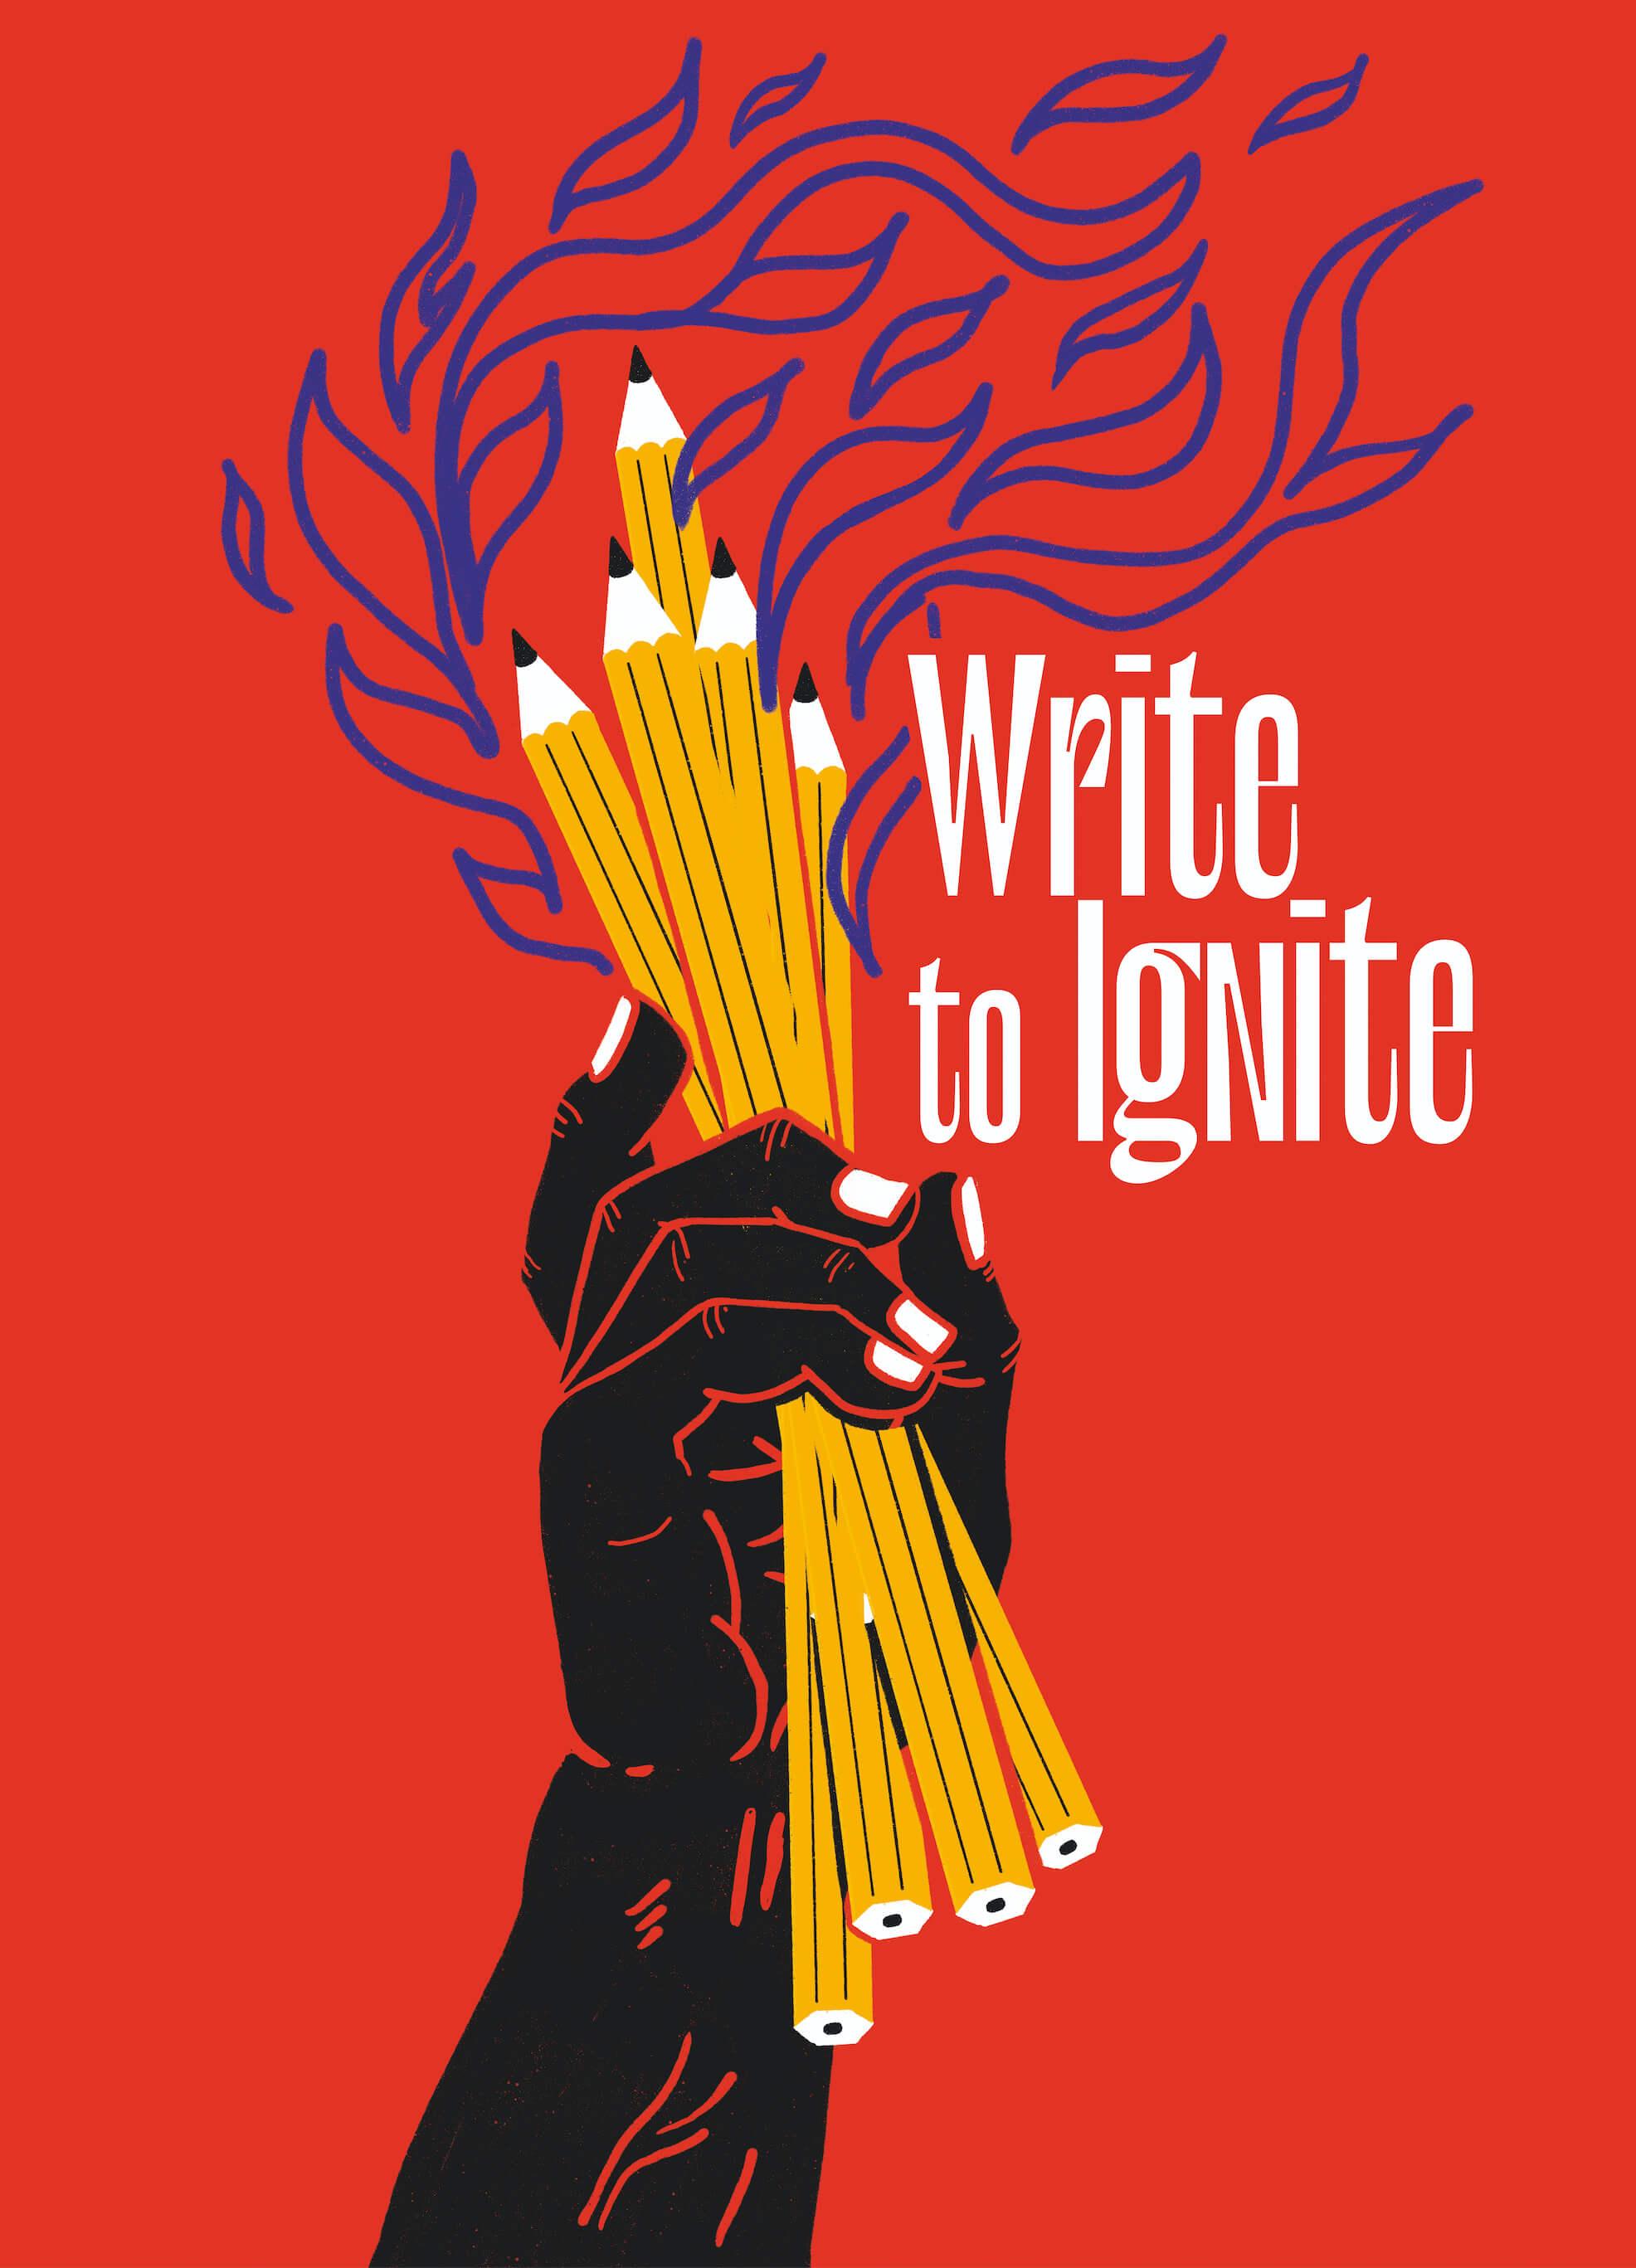 Write to Ignite (red) main image